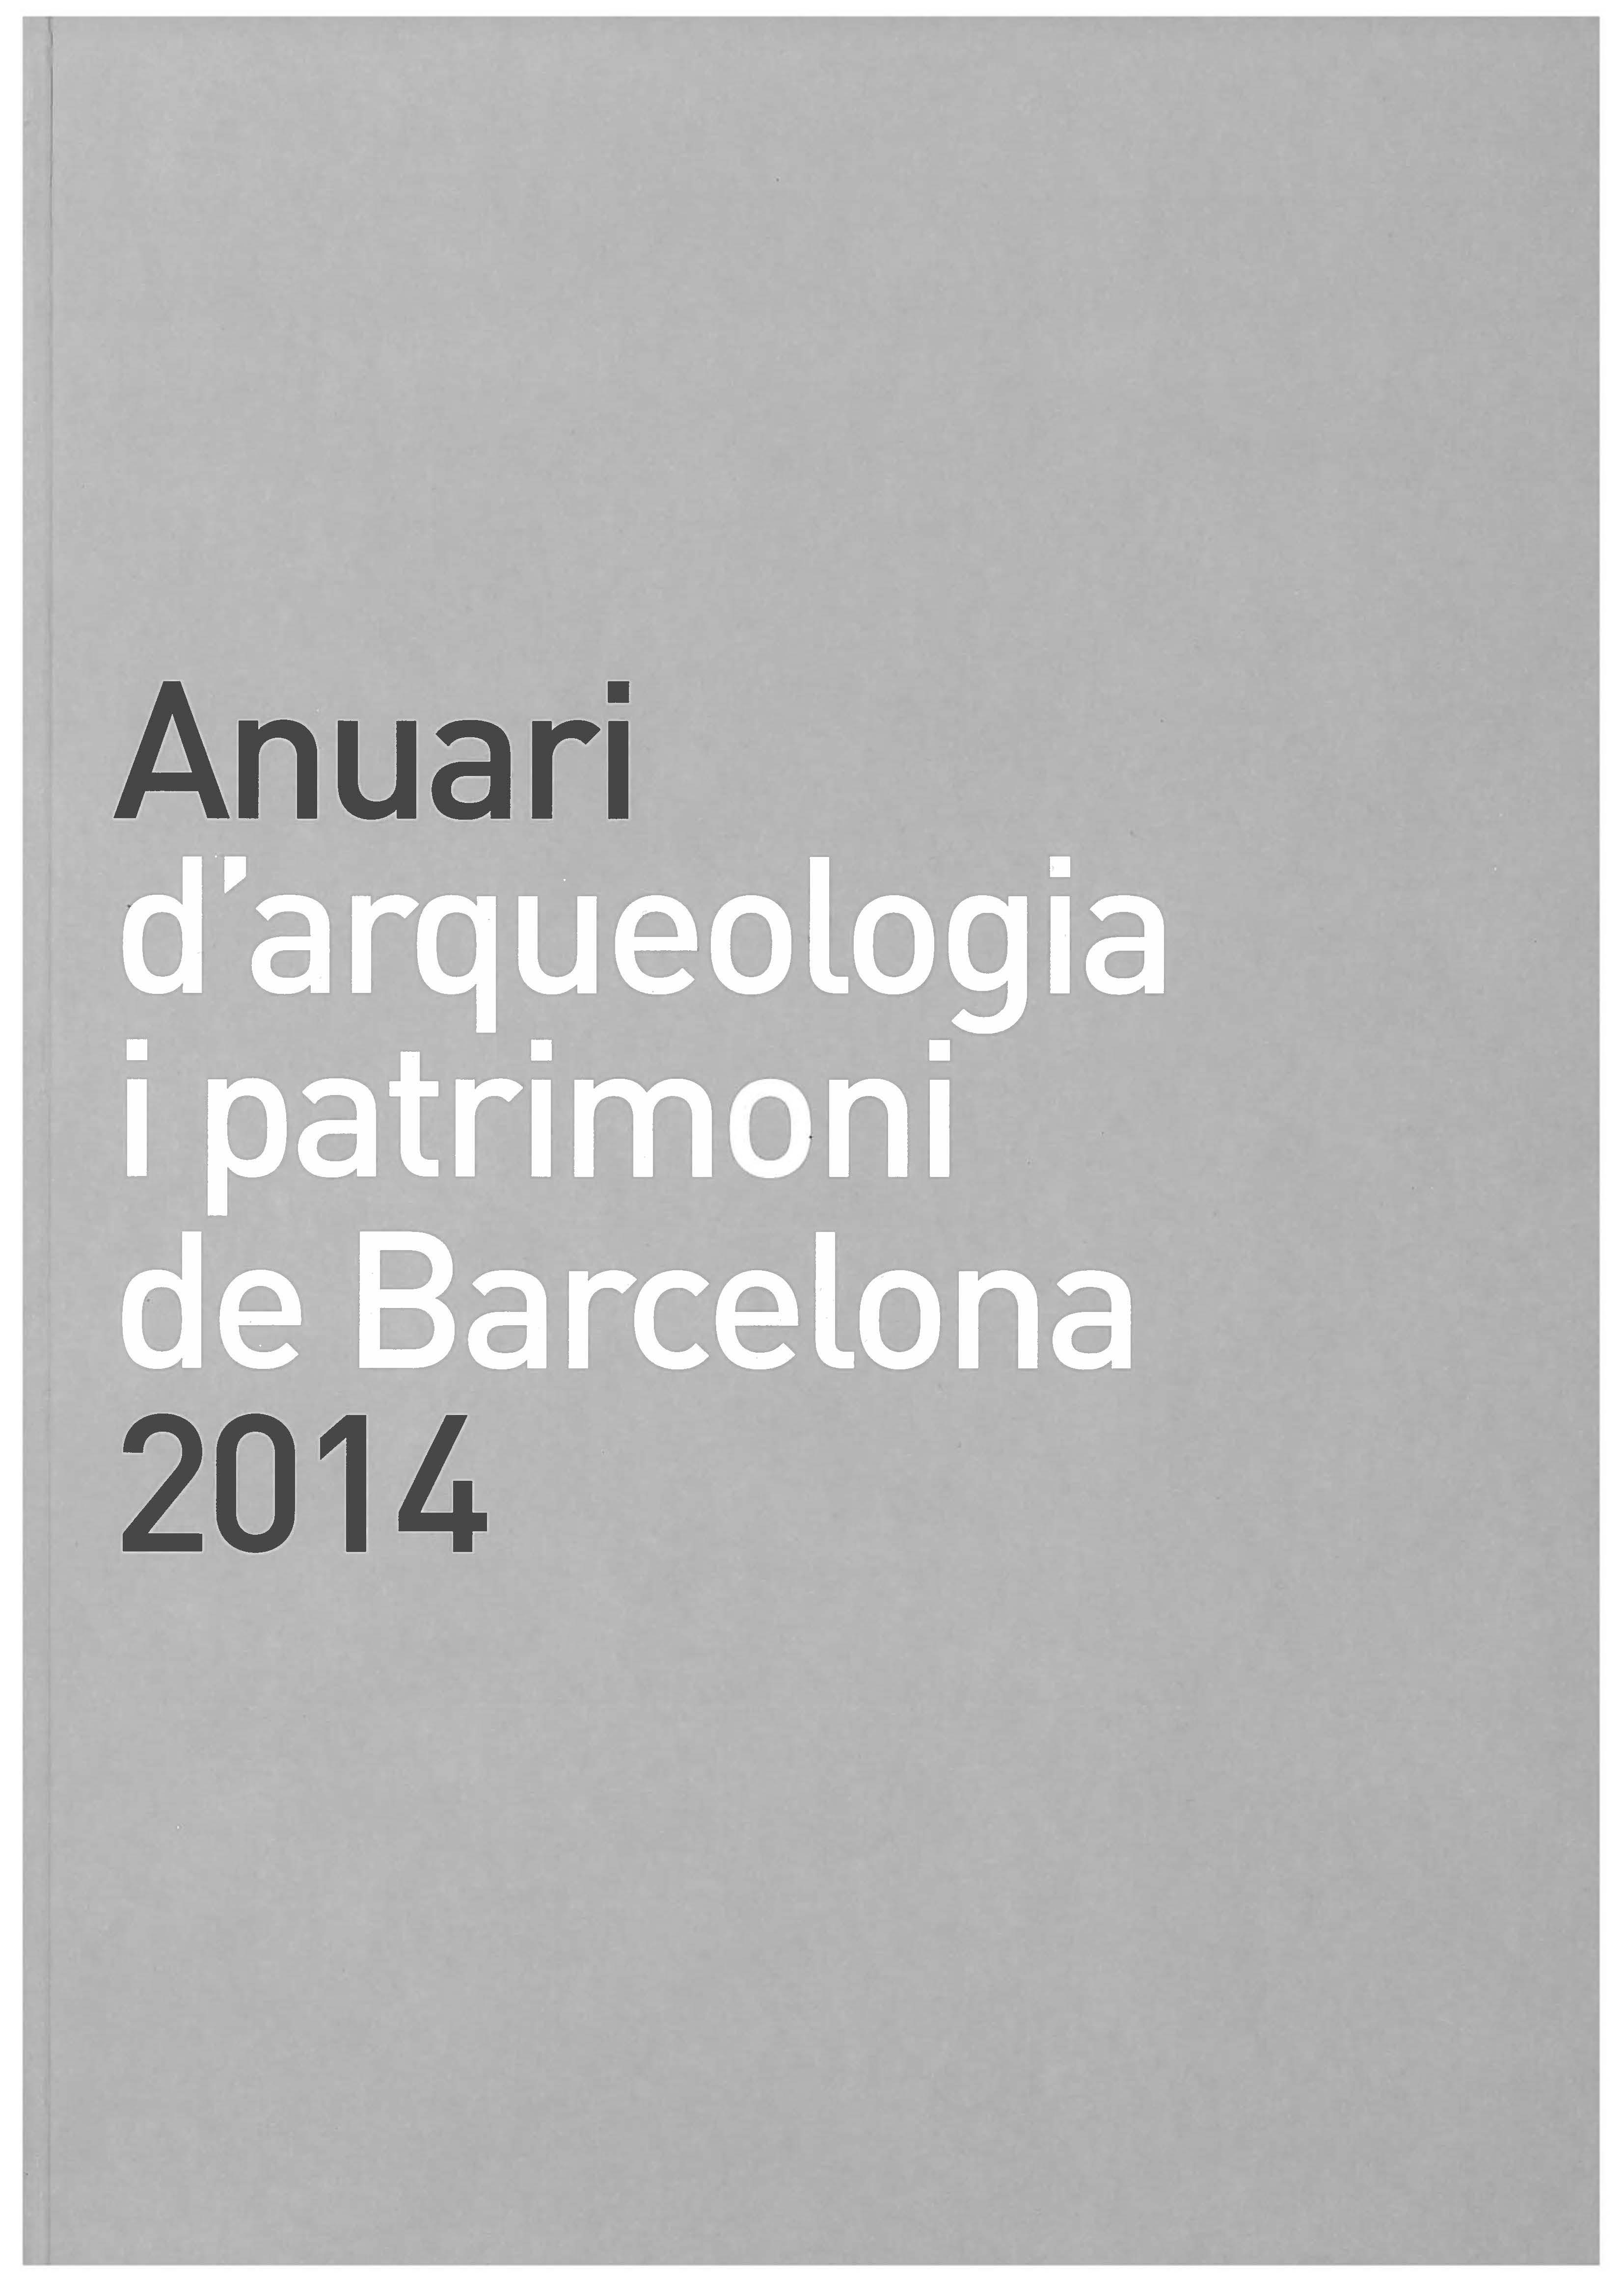 Anuari d'Arqueologia i Patrimoni de Barcelona 2014